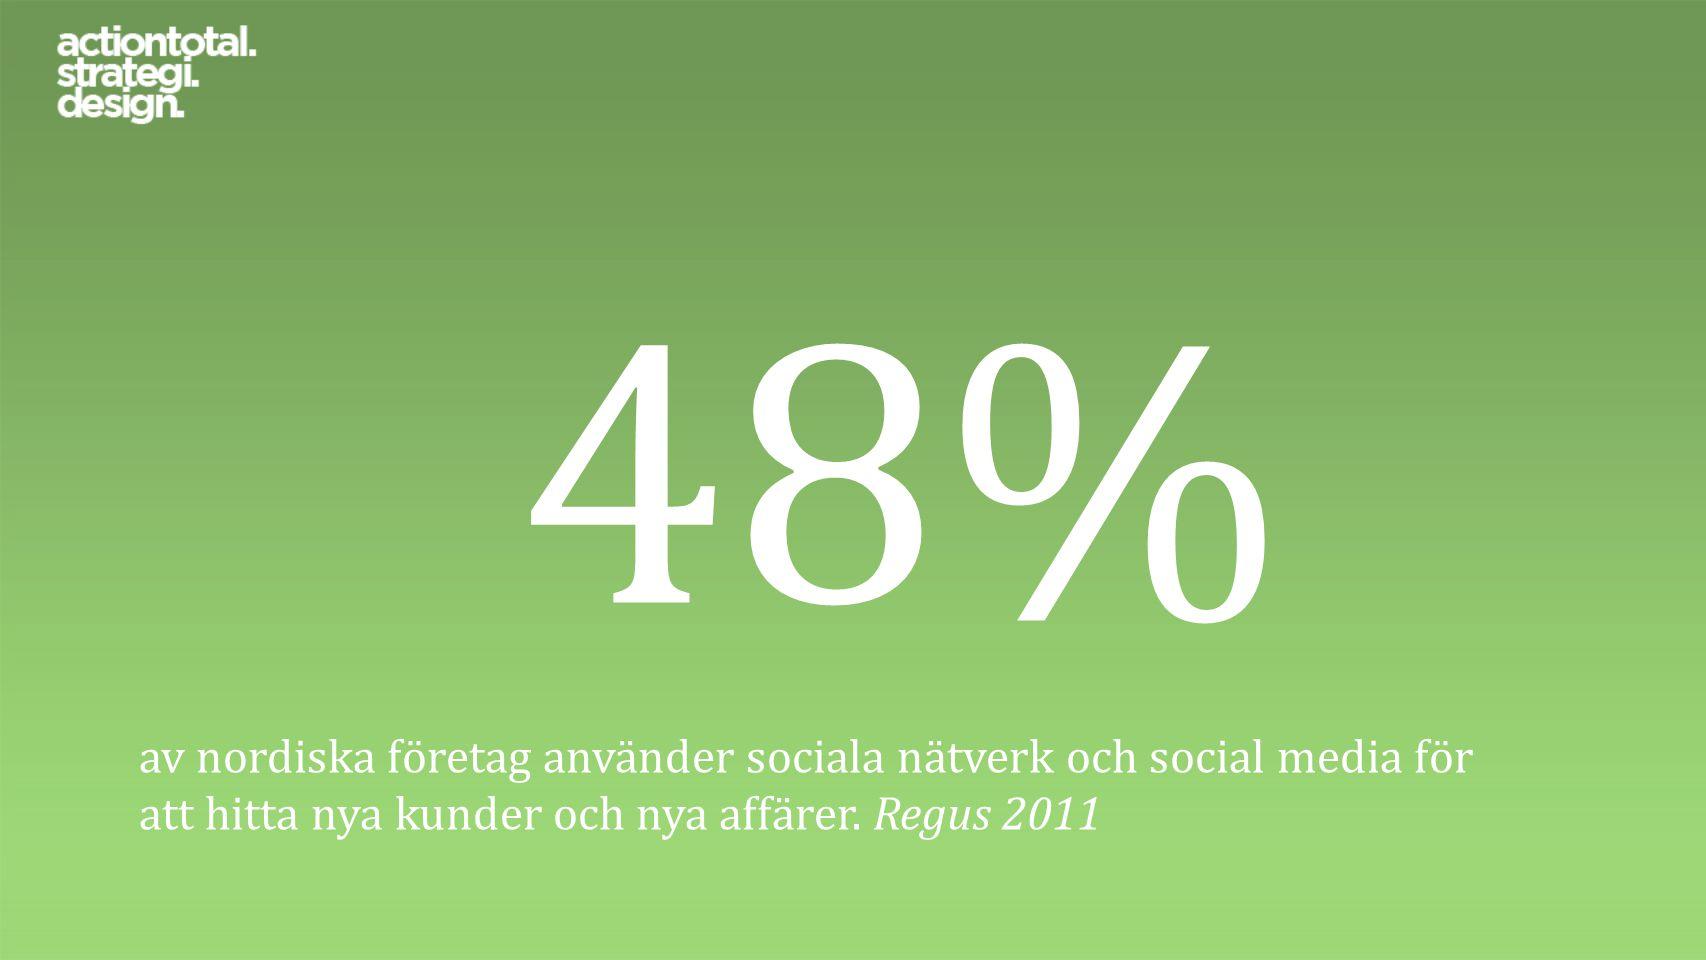 48% av nordiska företag använder sociala nätverk och social media för att hitta nya kunder och nya affärer. Regus 2011